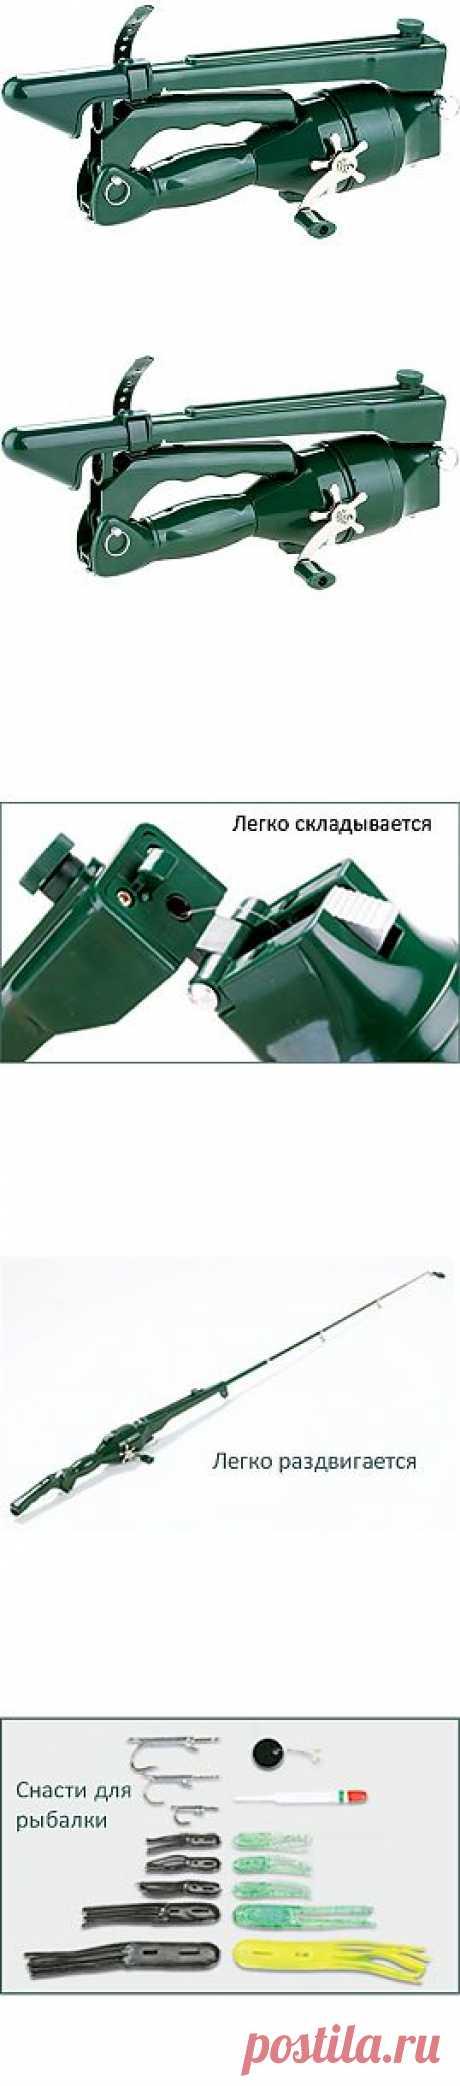 Складная удочка – купить по низкой цене в интернет-магазине Мой Мир, с доставкой по Москве и РФ